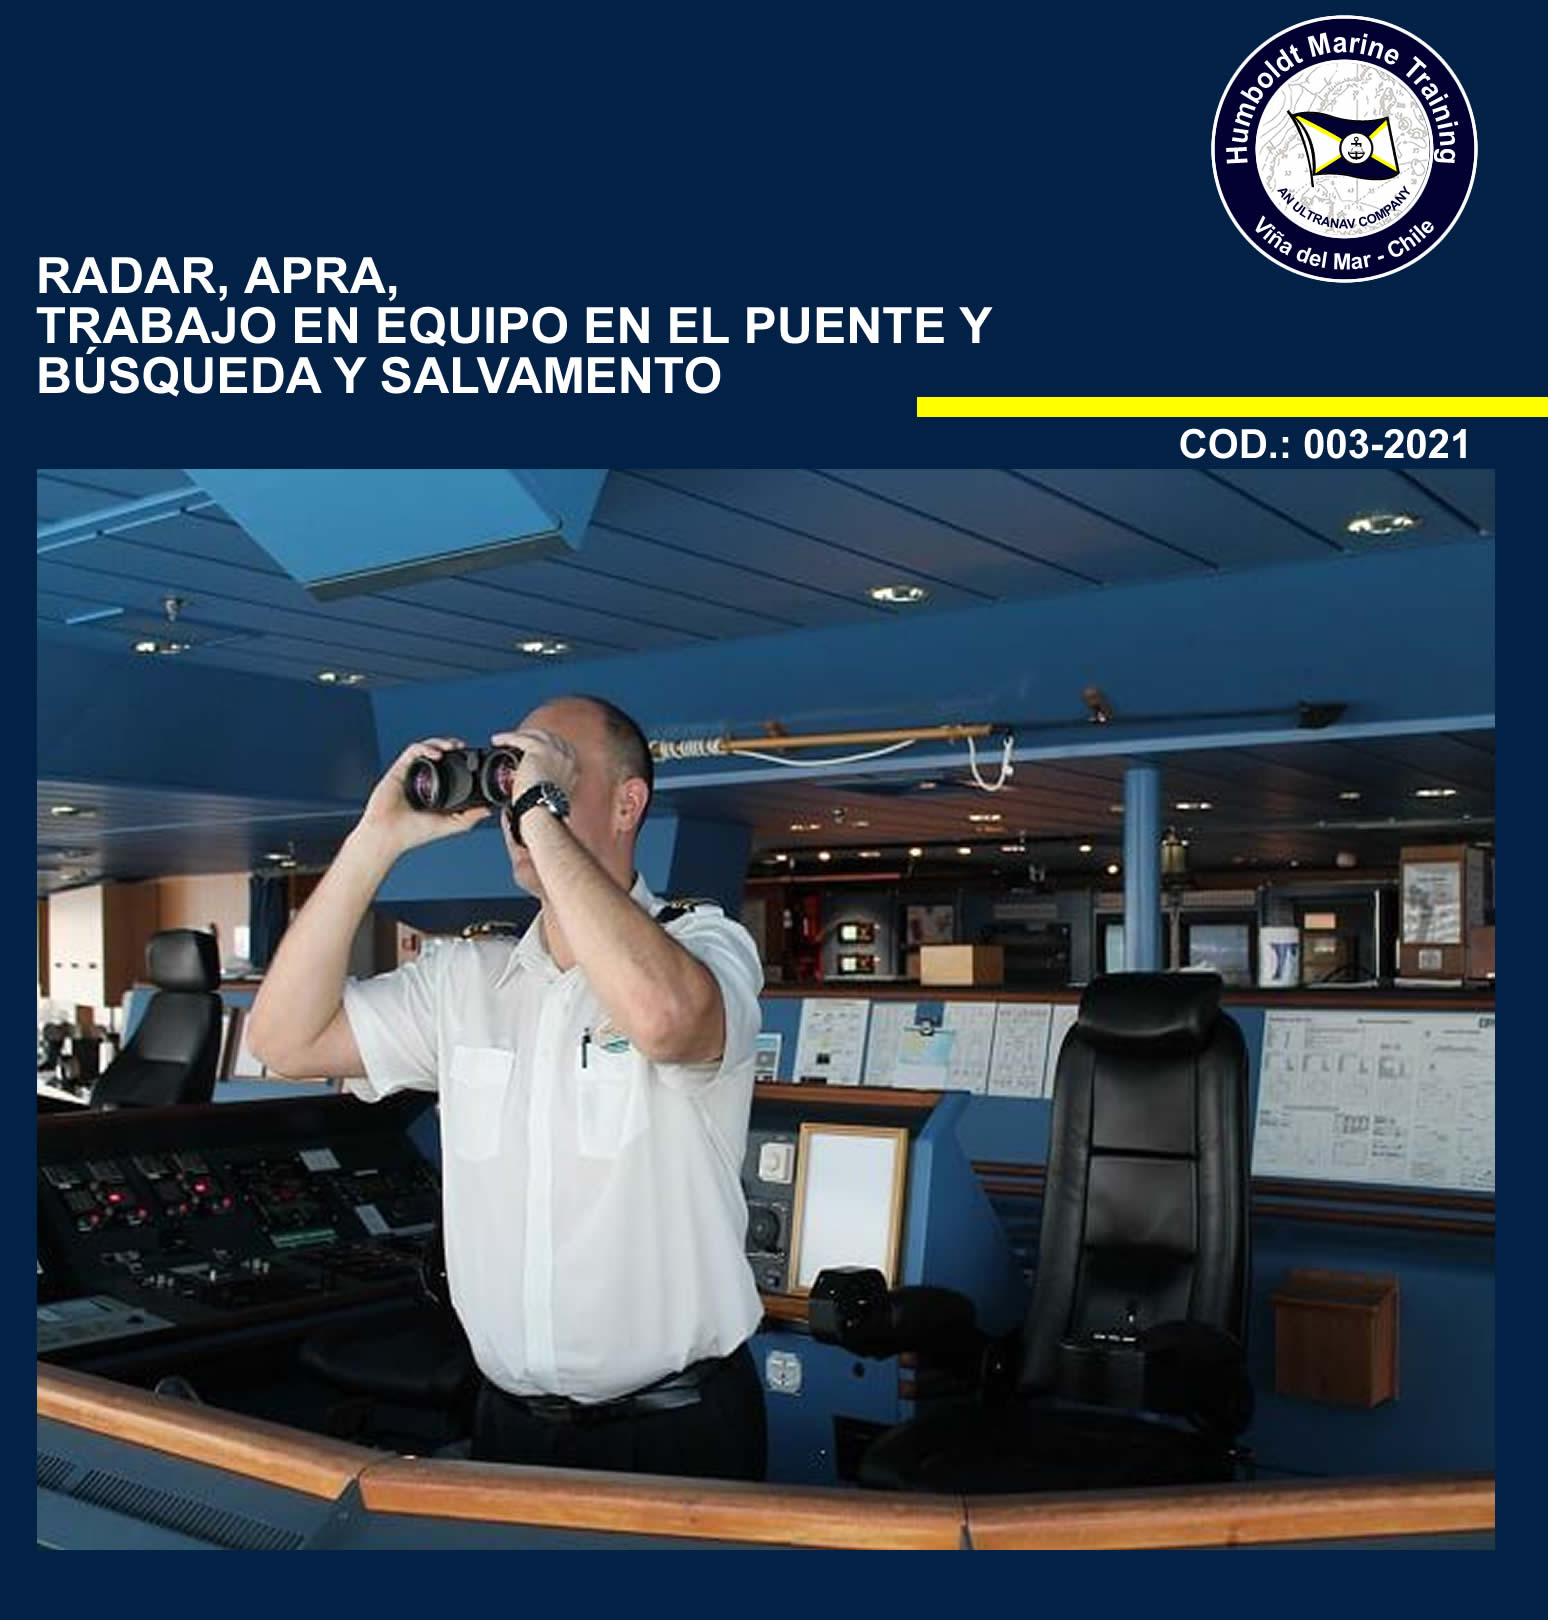 Radar, APRA, Trabajo en Equipo en el Puente y Busqueda y Salvamento